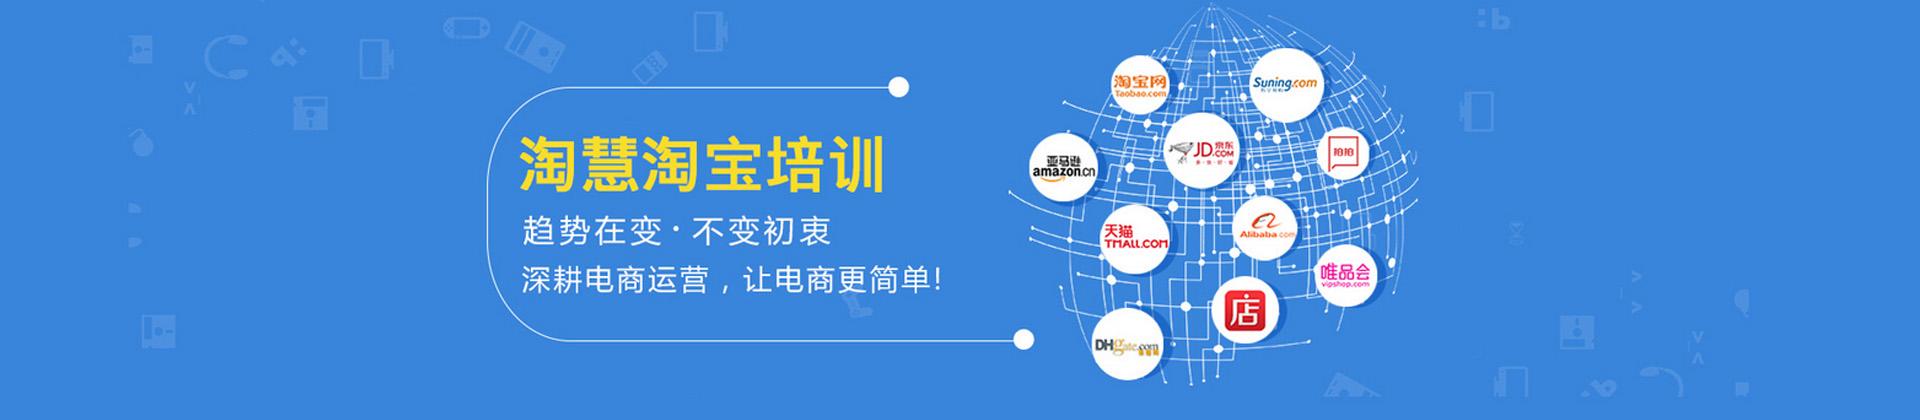 廣州淘慧電商